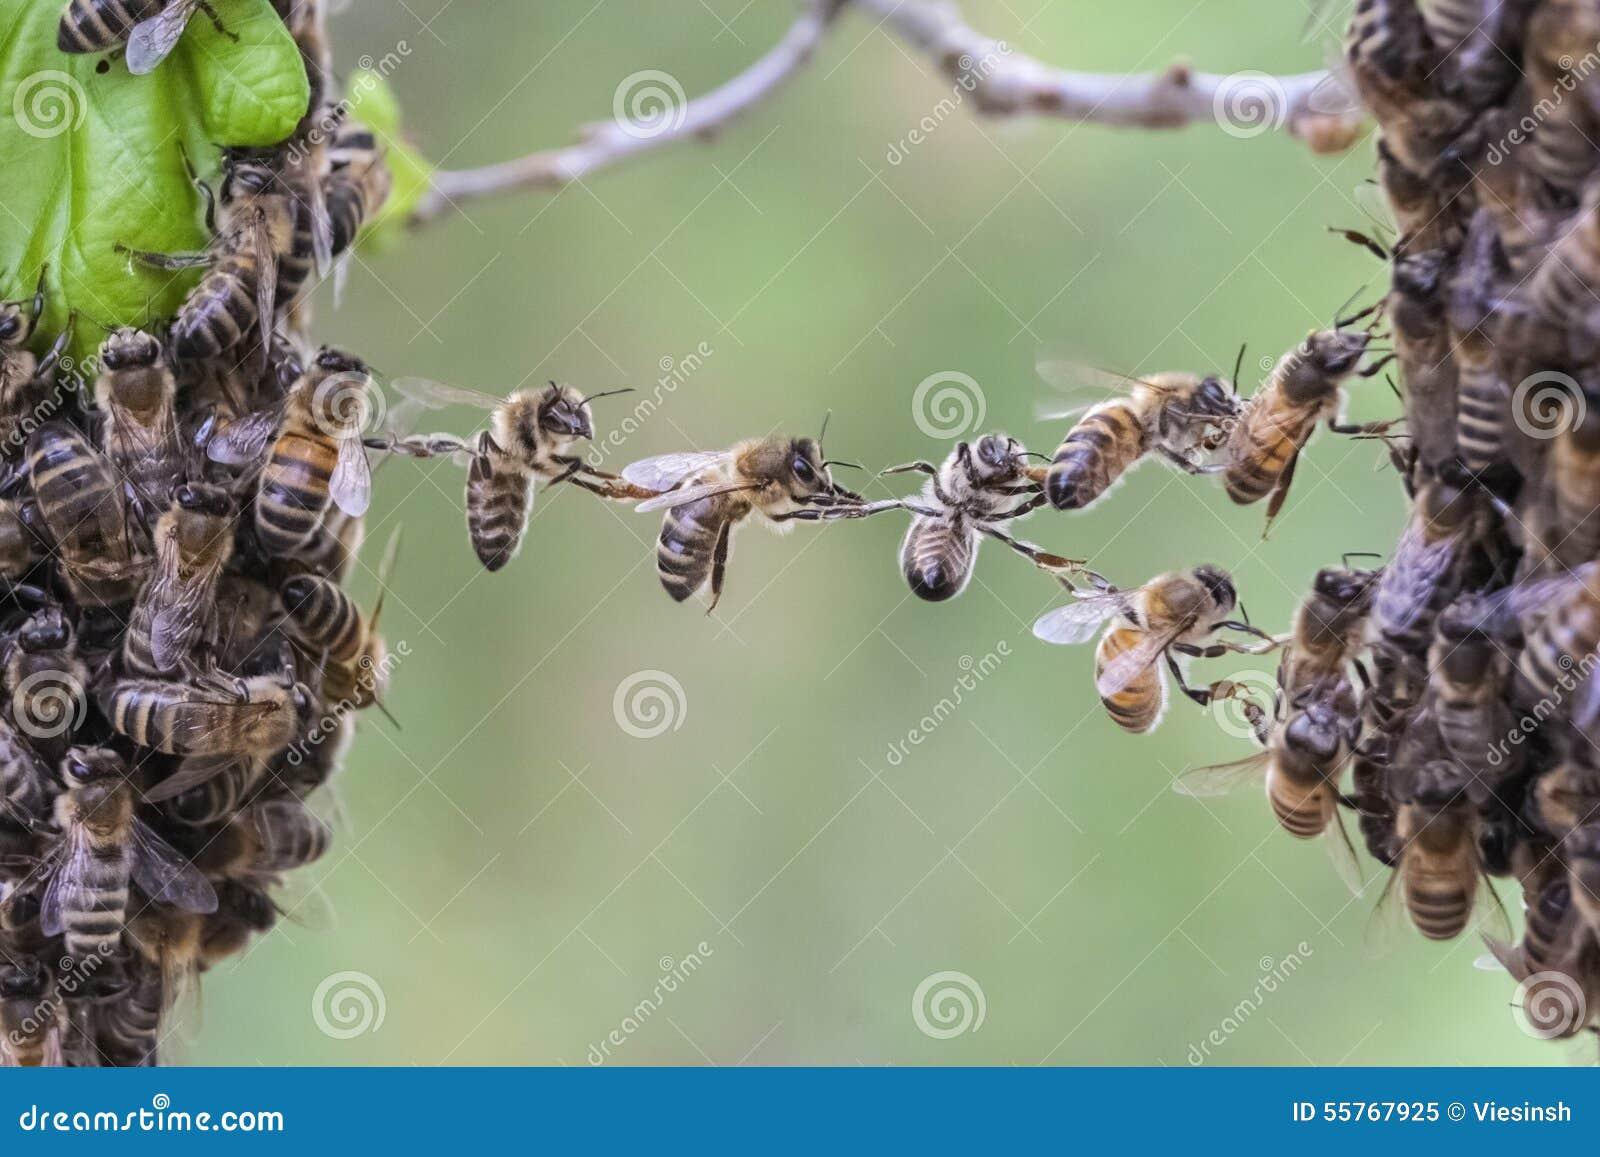 El trabajo en equipo de abejas llena un vacío del enjambre de la abeja